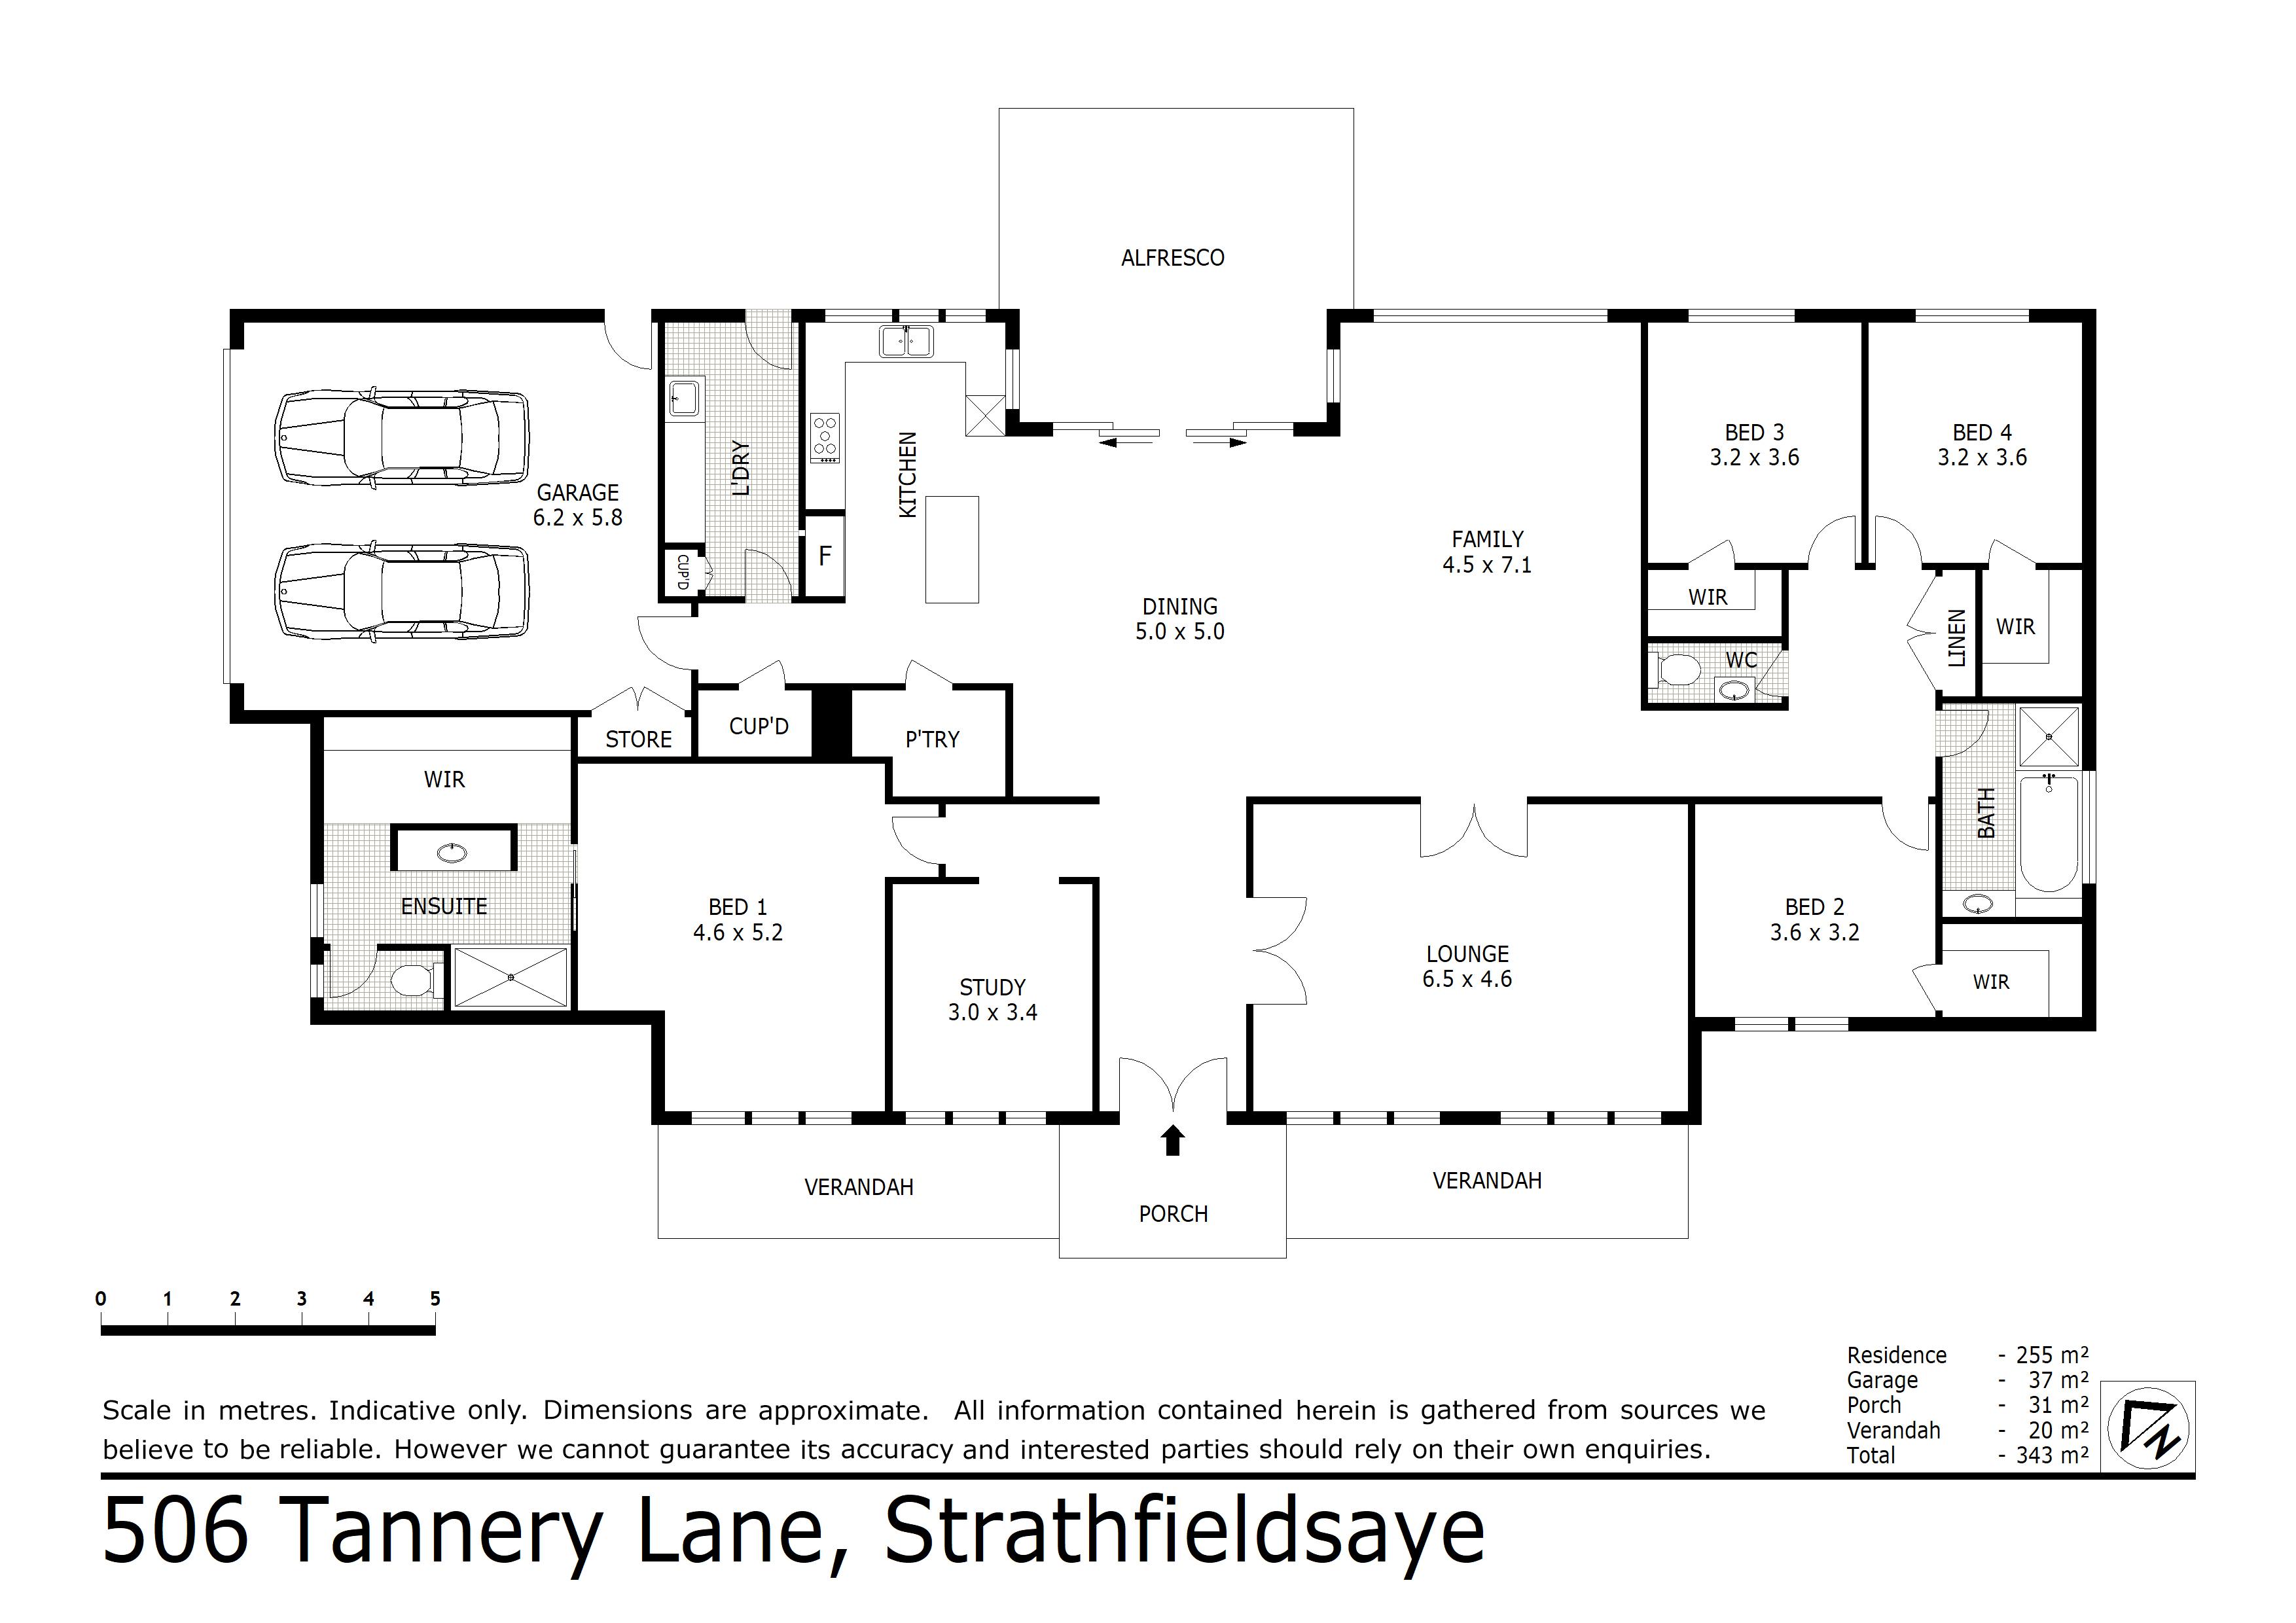 506 Tannery Lane, Strathfieldsaye, VIC 3551